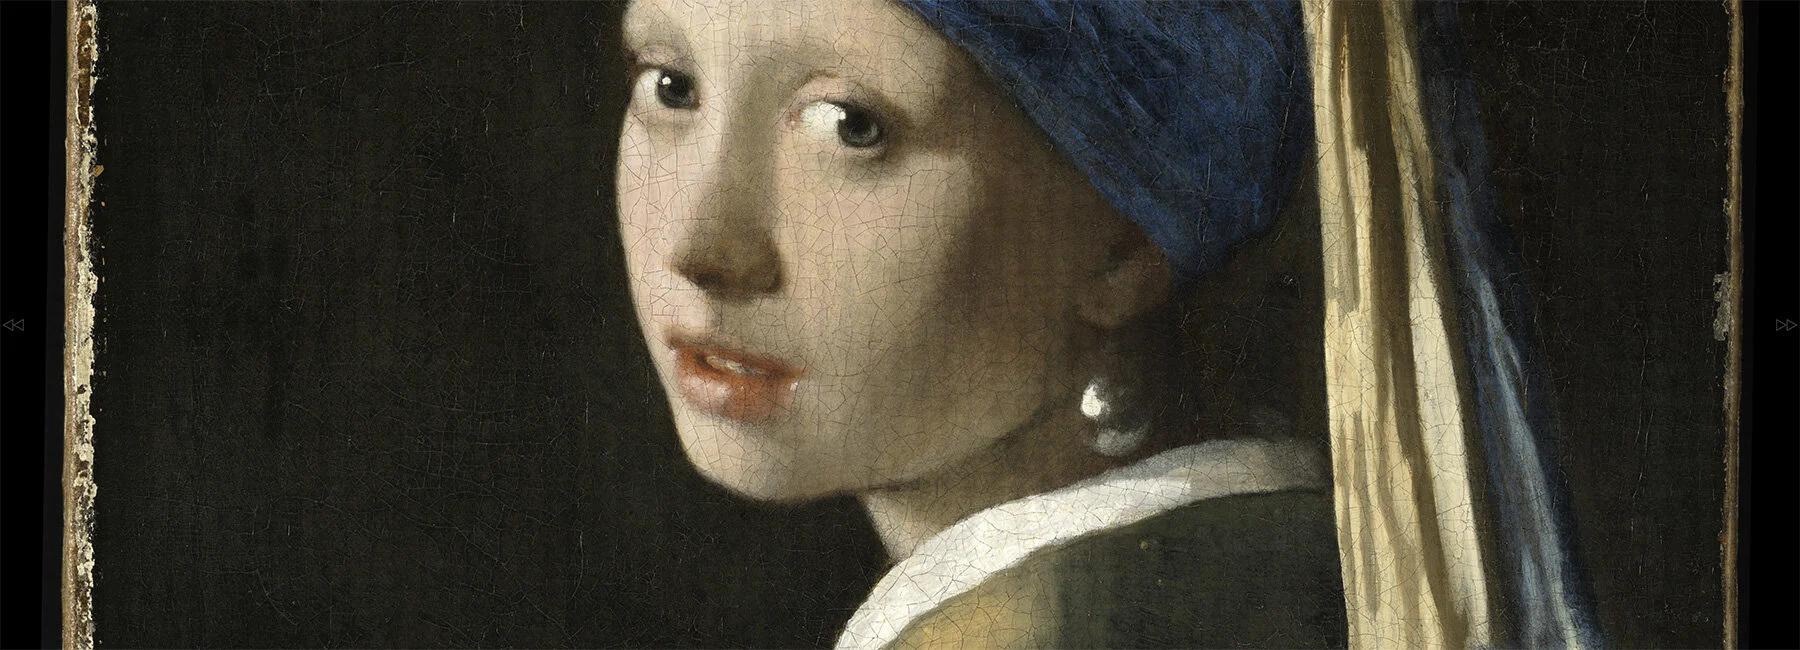 Гаазька галерея опублікувала найдетальніше зображення картини «Дівчина з перловою сережкою»